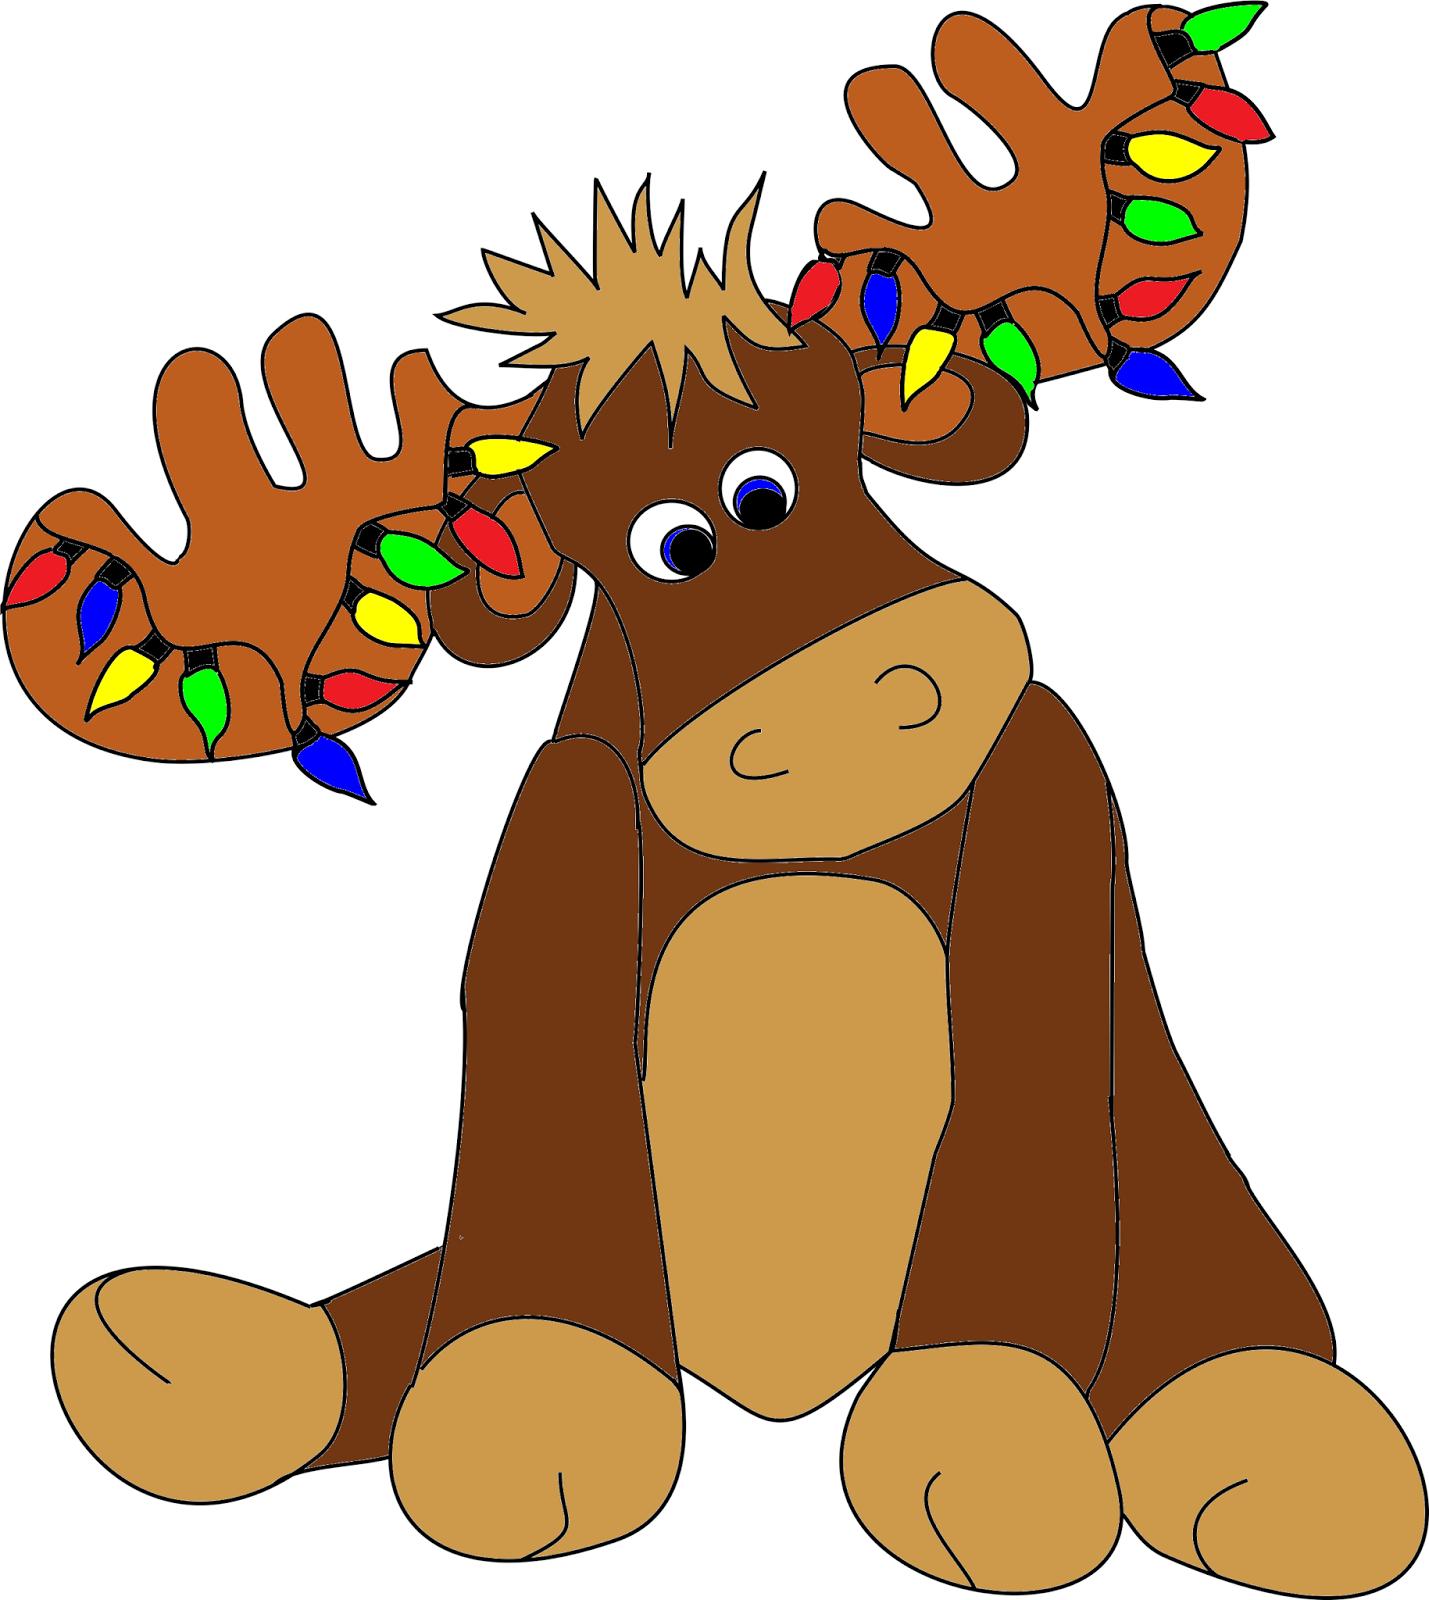 christmas moose clipart photo1 - Christmas Moose